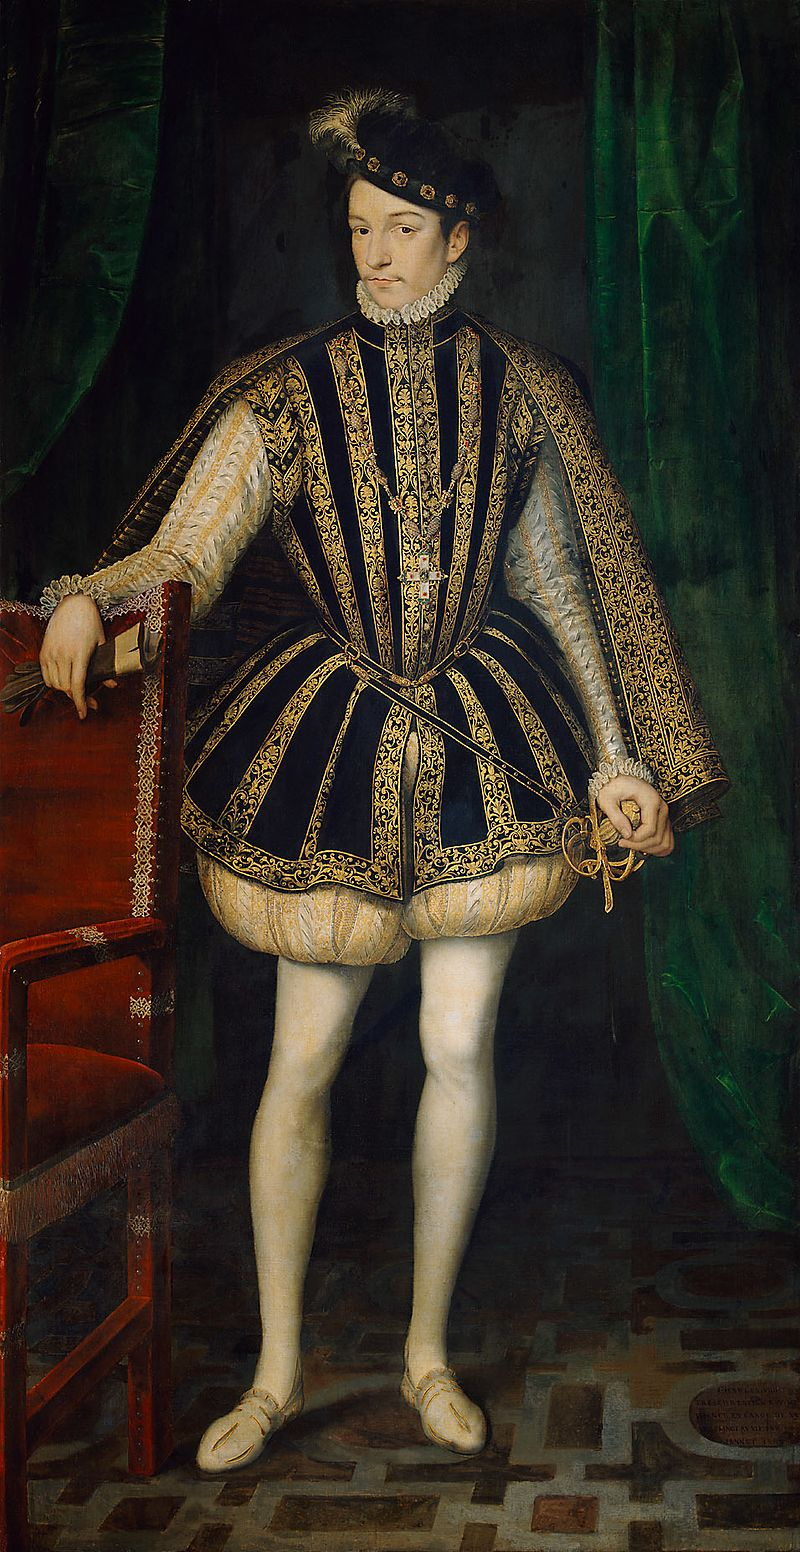 Charles IX of France